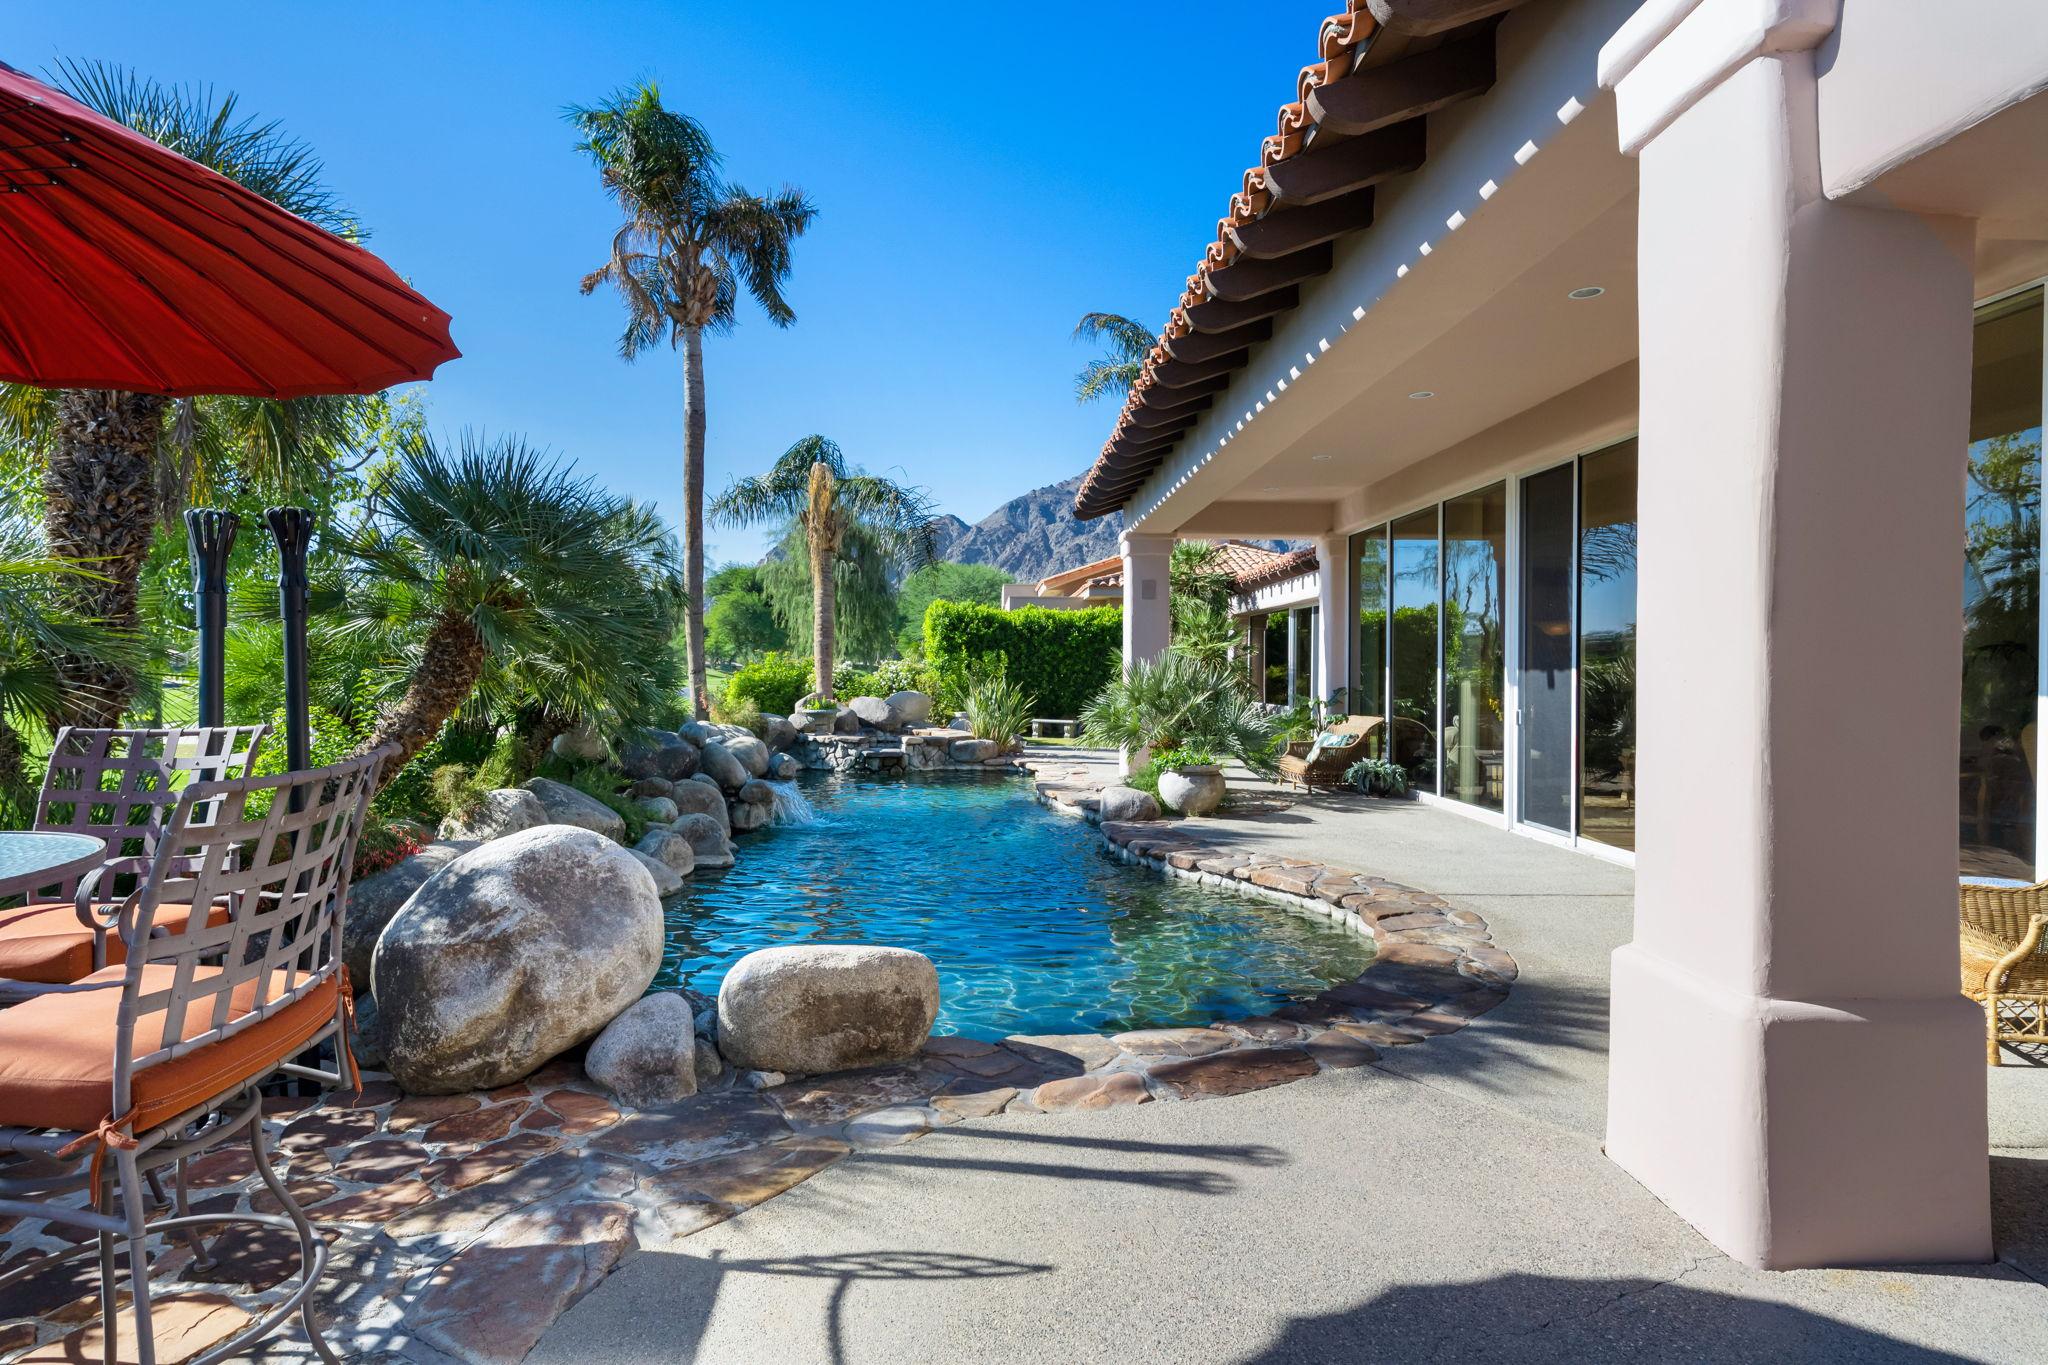 50910 Nectareo, La Quinta, CA 92253, USA Photo 42